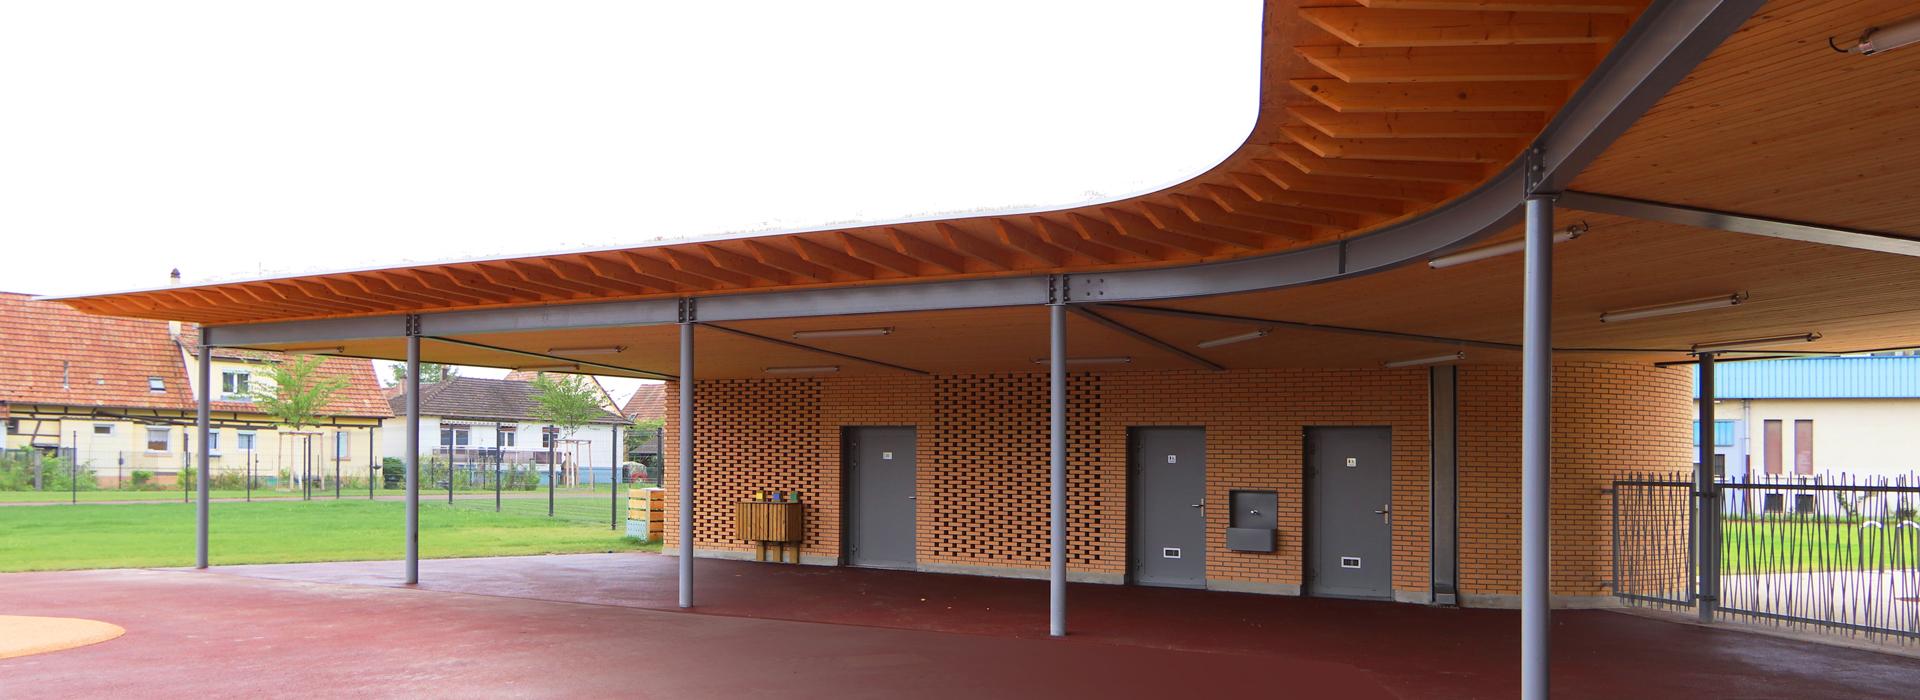 sanitaires préau École élémentaire Plobsheim